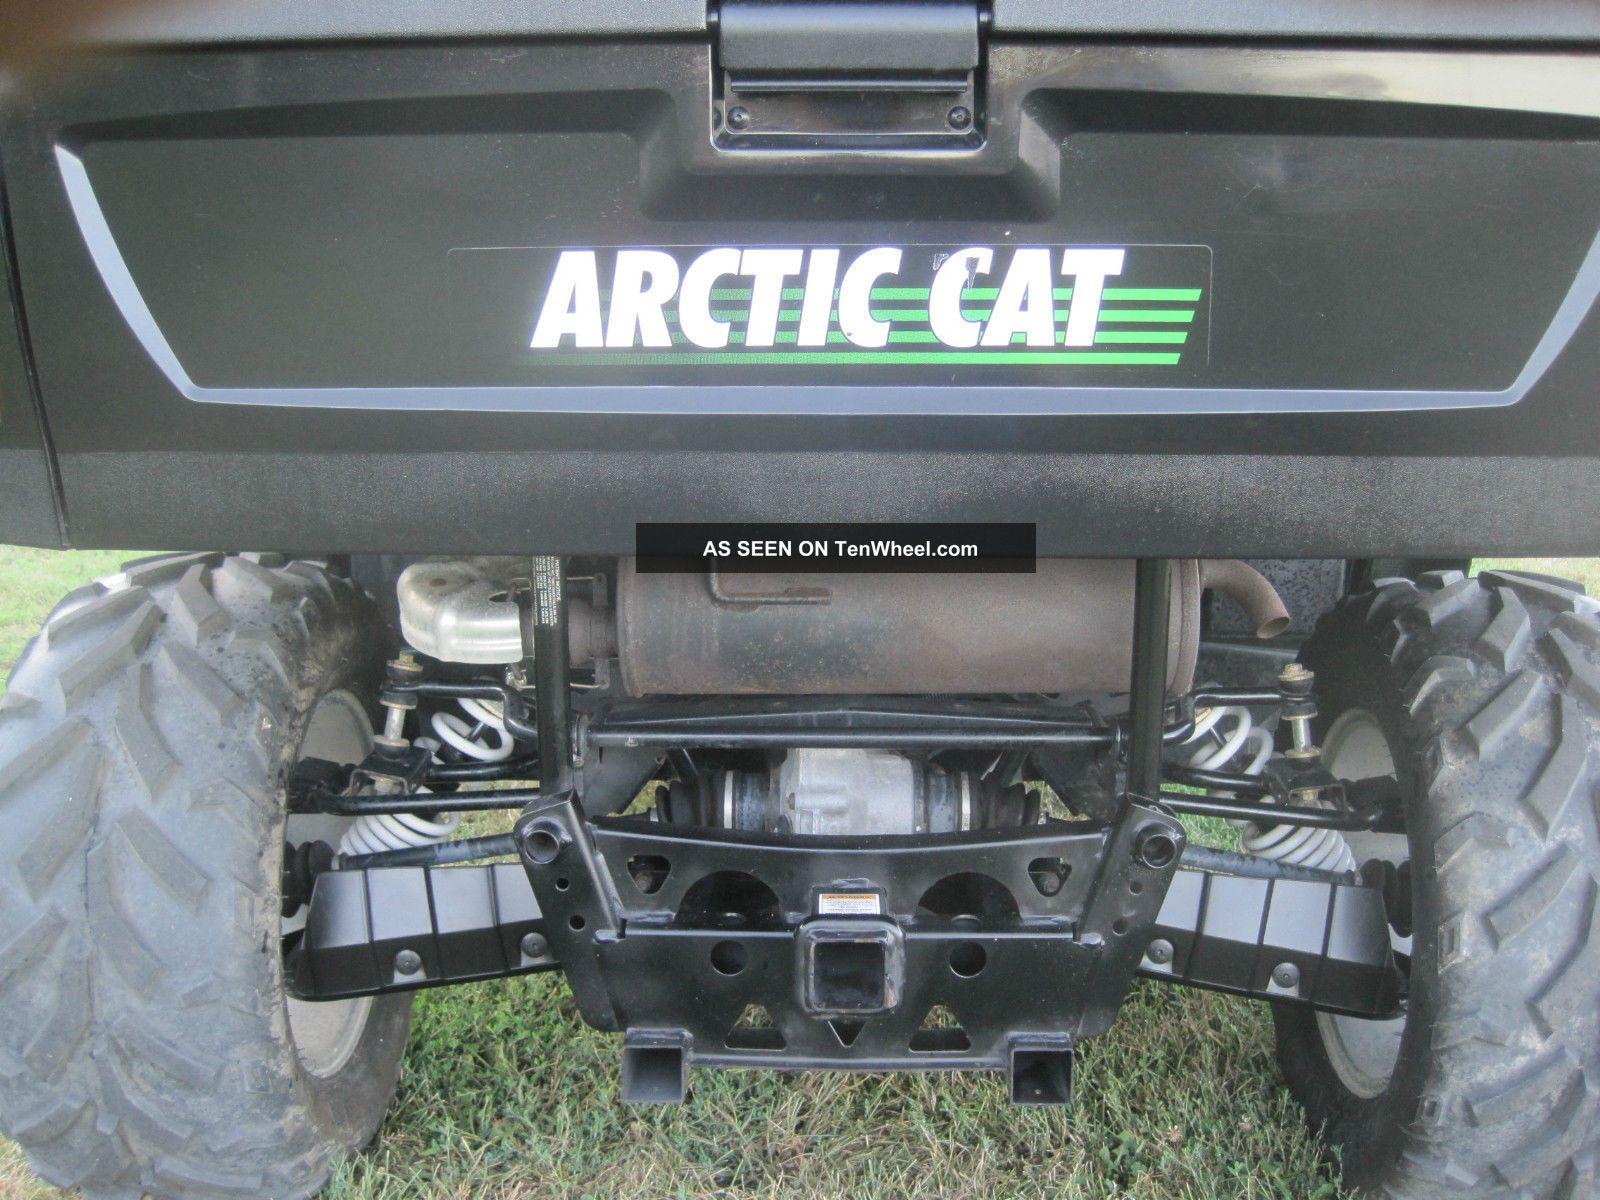 2011 Arctic Cat Prowler